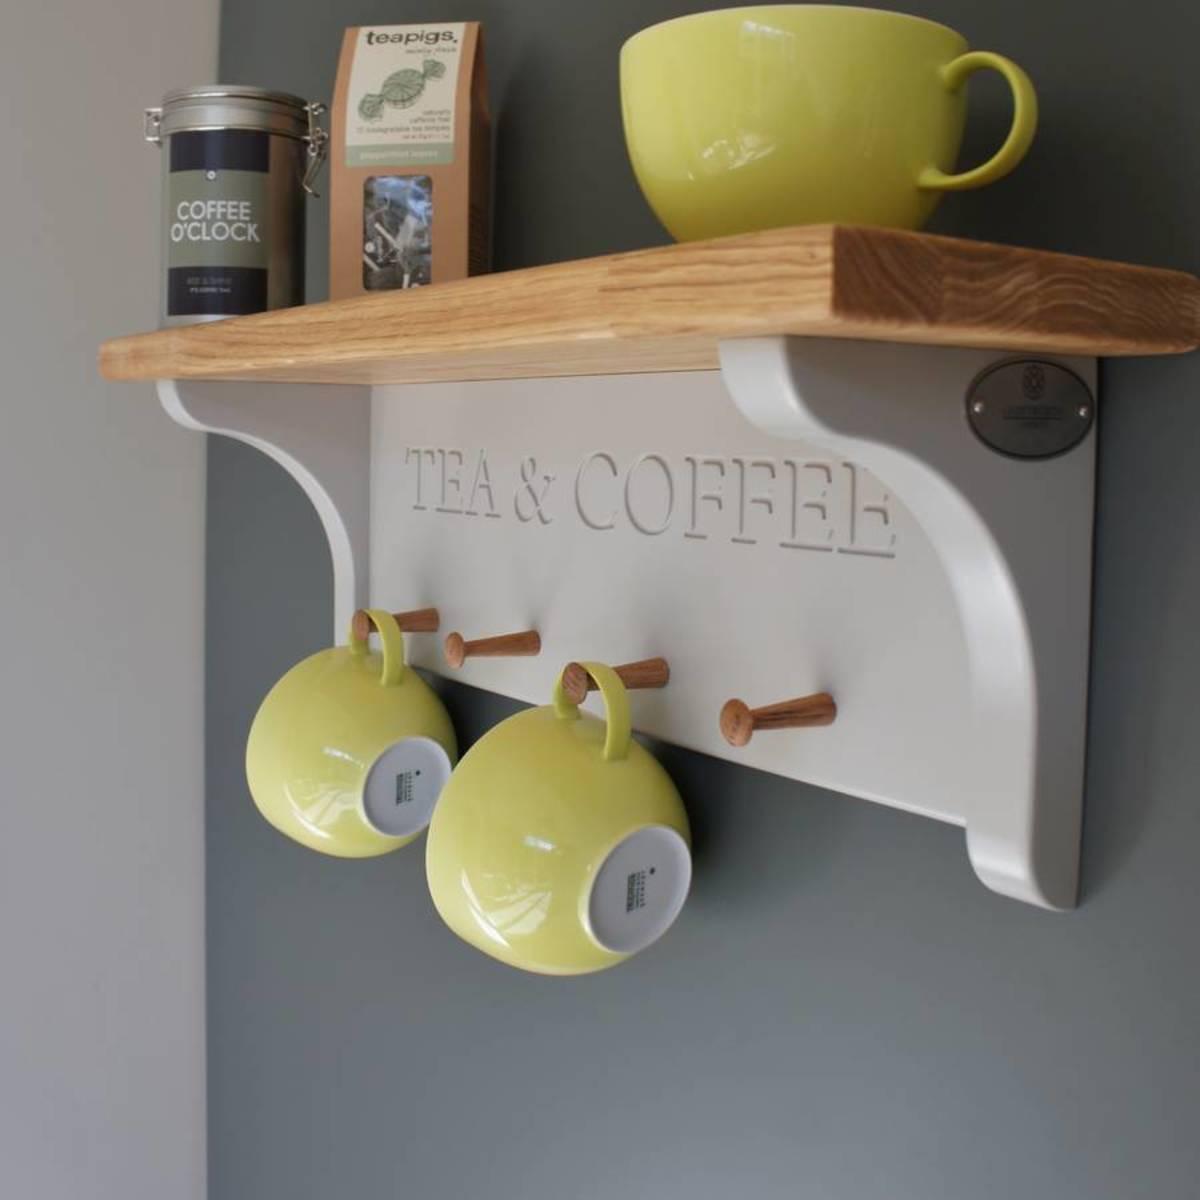 Tea and coffee mug shelf